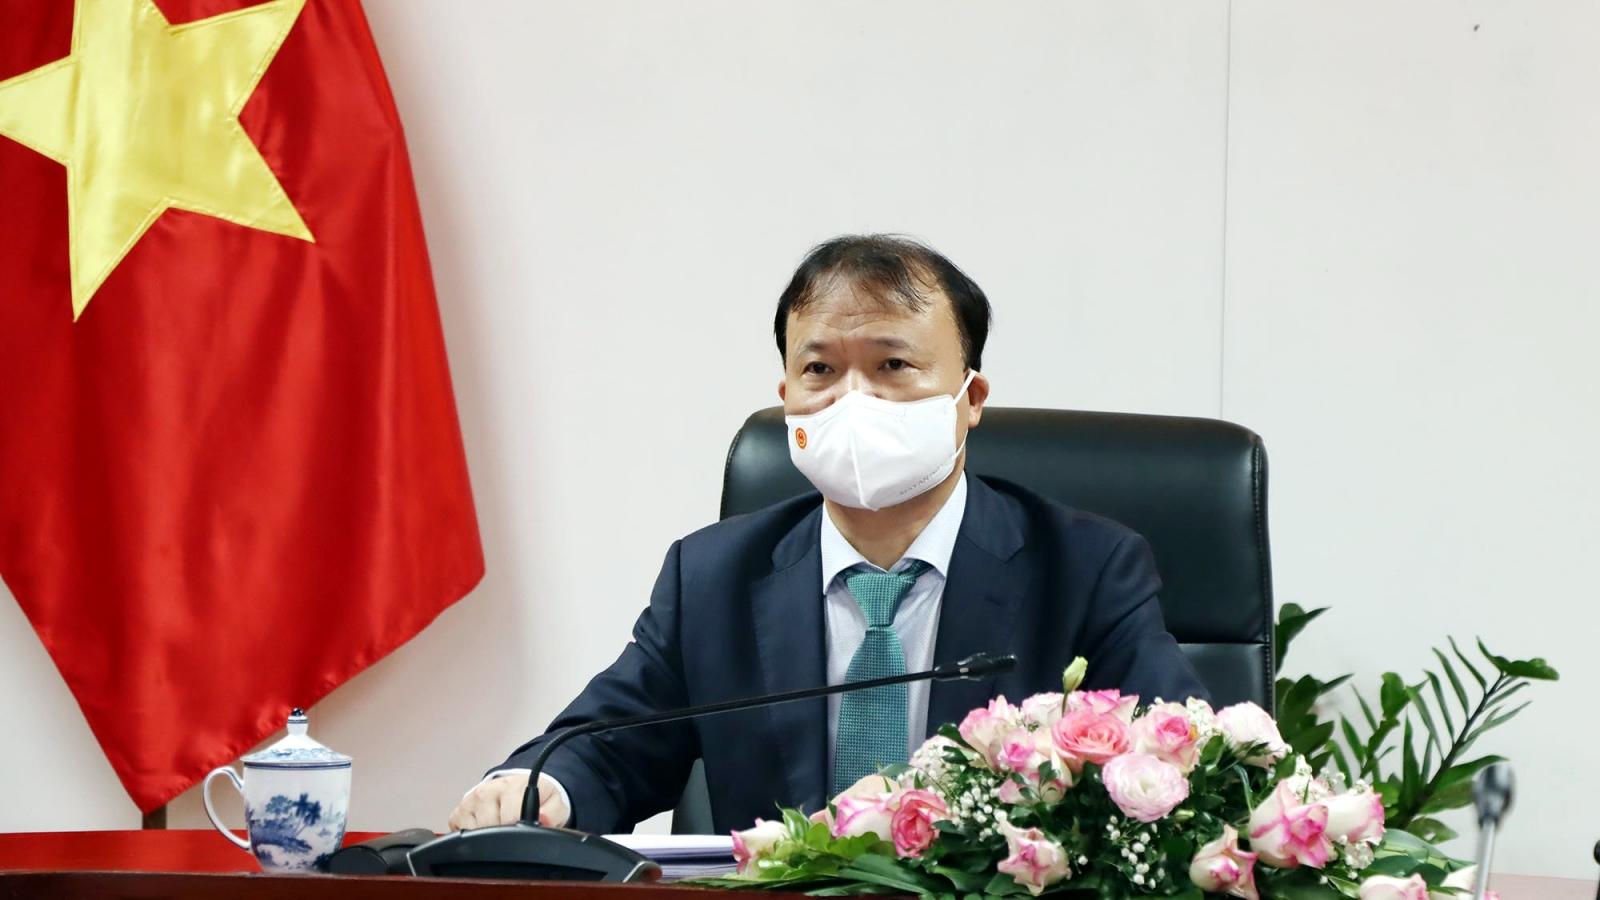 Việt Nam tham gia Hội chợ Xuất nhập khẩu Trung Quốc với qui mô 60.000 gian hàng